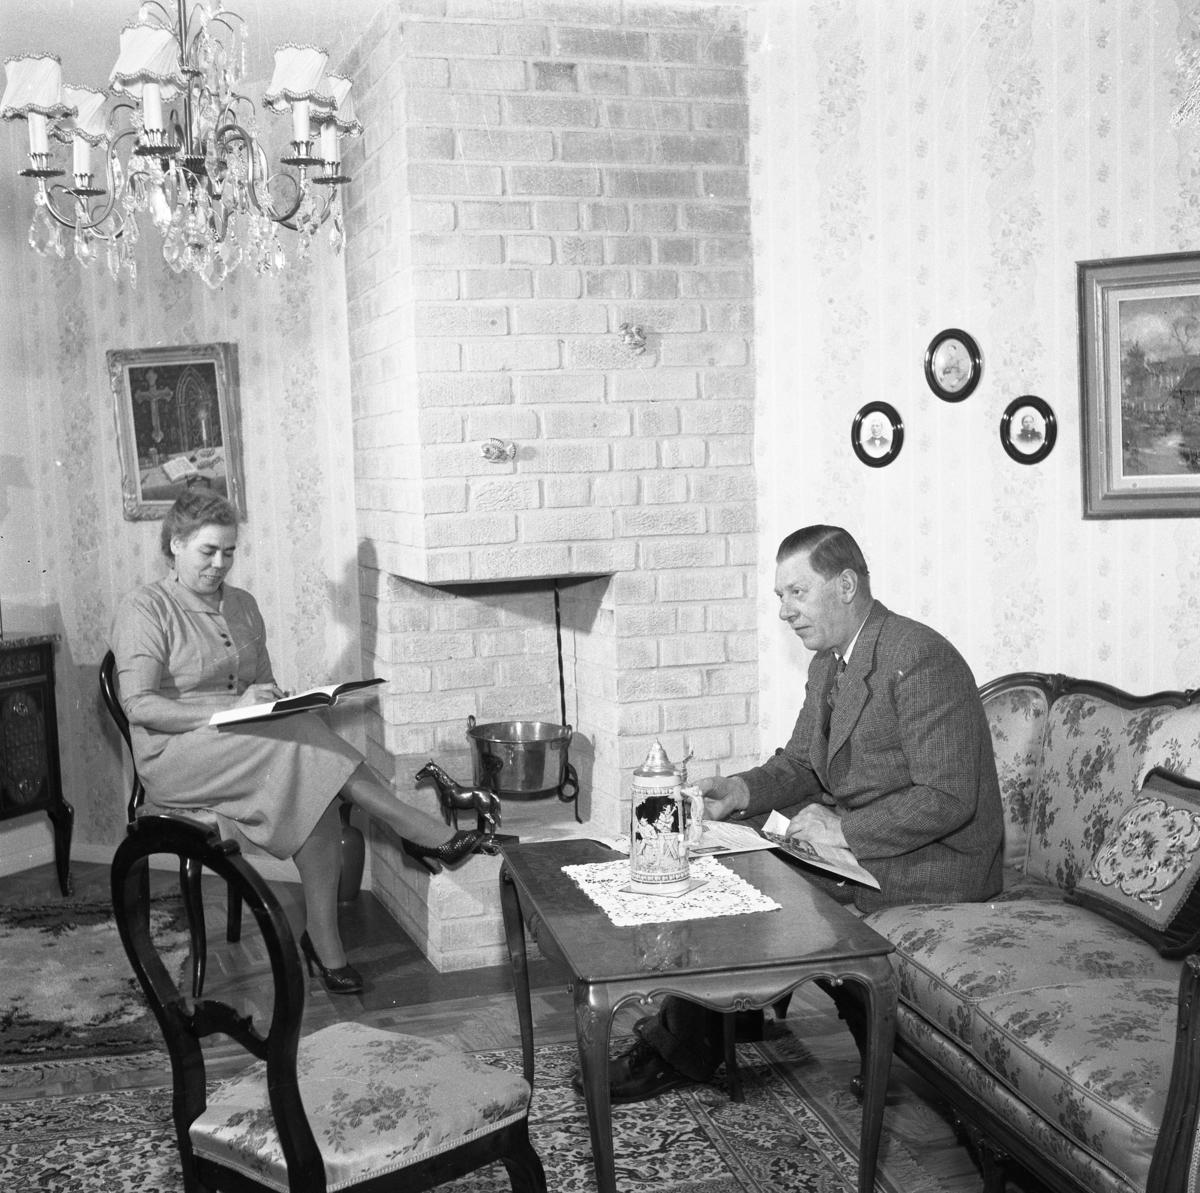 Färghandlare Valle Carlsson med hustru Maggie. Makarna sitter i vardagsrummet och läser. I hörnet finns en öppen spis. På bordet står en ölsejdel. Mannen sitter i soffan, hans fru sitter på en stol. Det hänger tavlor på väggarna. Interiör.